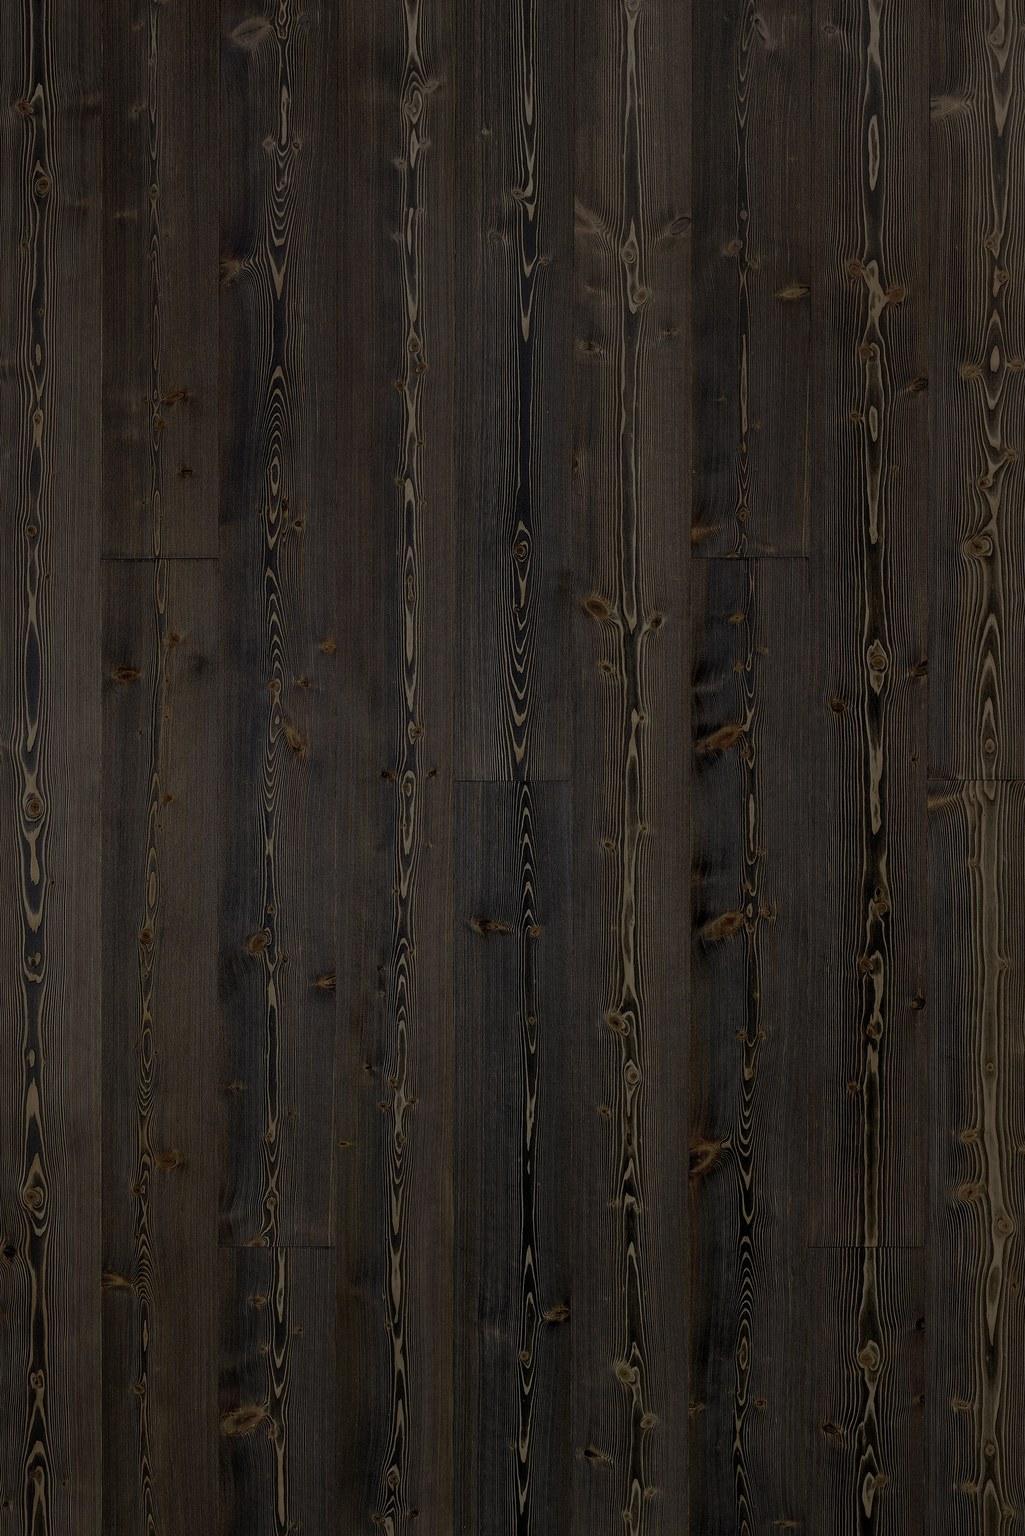 Timberwise Parketti Lankkuparketti Puulattia Wooden Floor Parquet Plank Lehtikuusi Larch Eben 2D1